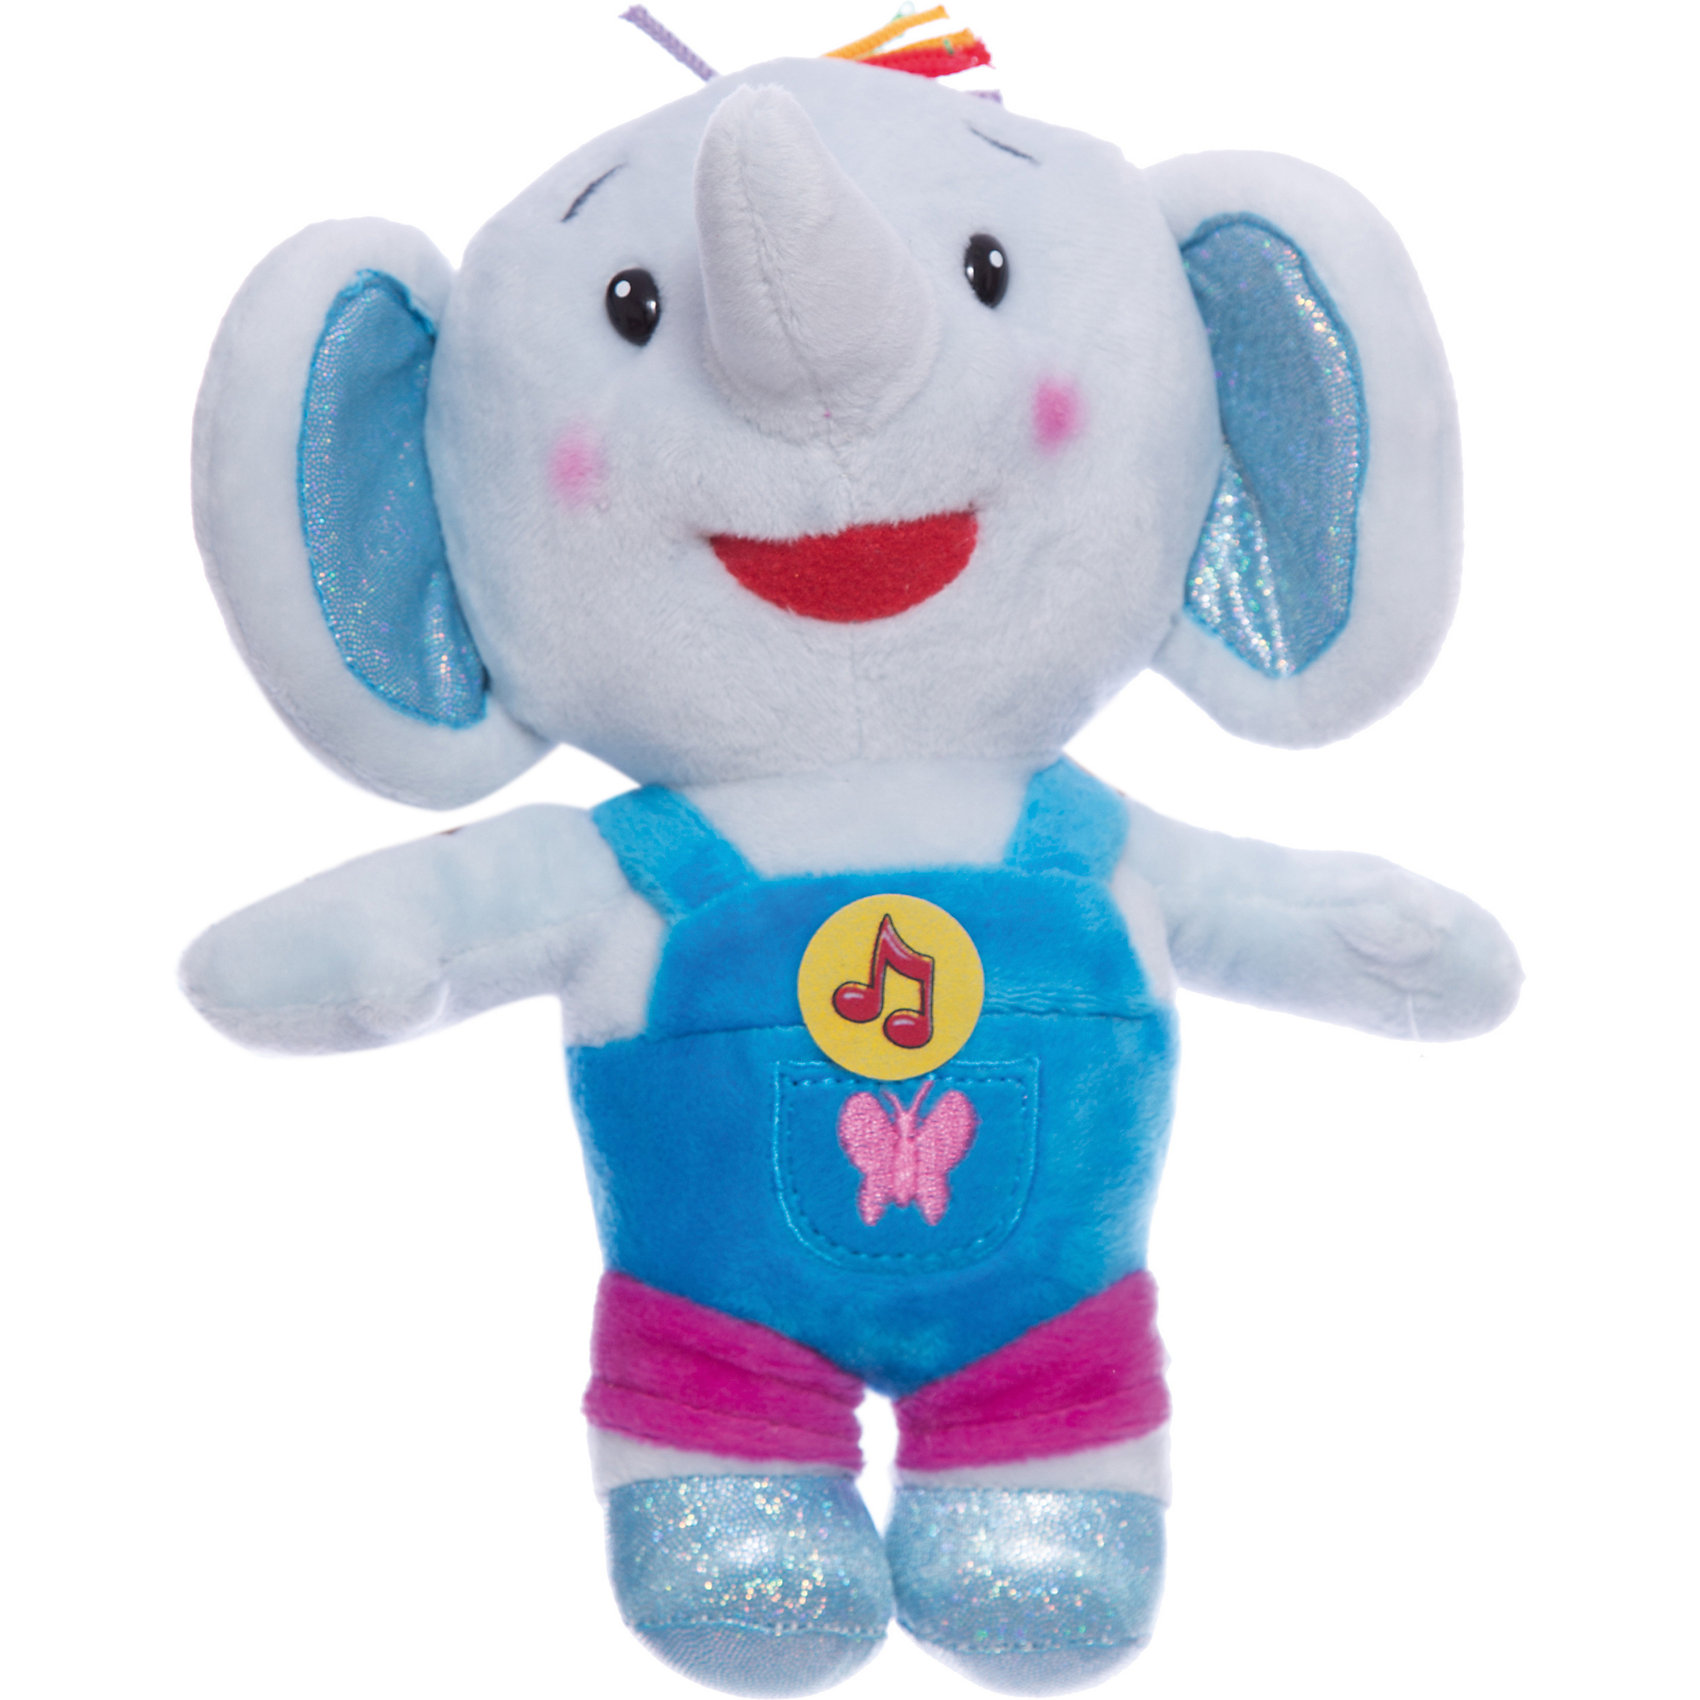 Мягкая игрушка Тома, 20 см, Мульти-ПультиИгрушки могут не только развлекать малыша, но и помогать его всестороннему развитию. Эта игрушка поможет формированию разных навыков, он помогает развить тактильное восприятие, цветовосприятие, звуковосприятие и мелкую моторику.<br>Изделие представляет собой игрушку из приятного на ощупь материала со звуковым модулем - ребенок может прослушать несколько фраз. Сделана игрушка из качественных материалов, безопасных для ребенка.<br><br>Дополнительная информация:<br><br>цвет: разноцветный;<br>материал: текстиль;<br>звуковой модуль;<br>высота: 20 см.<br><br>Мягкую игрушку Тома, 20 см, от бренда Мульти-Пульти можно купить в нашем магазине.<br><br>Ширина мм: 100<br>Глубина мм: 320<br>Высота мм: 230<br>Вес г: 140<br>Возраст от месяцев: 36<br>Возраст до месяцев: 2147483647<br>Пол: Унисекс<br>Возраст: Детский<br>SKU: 5002243